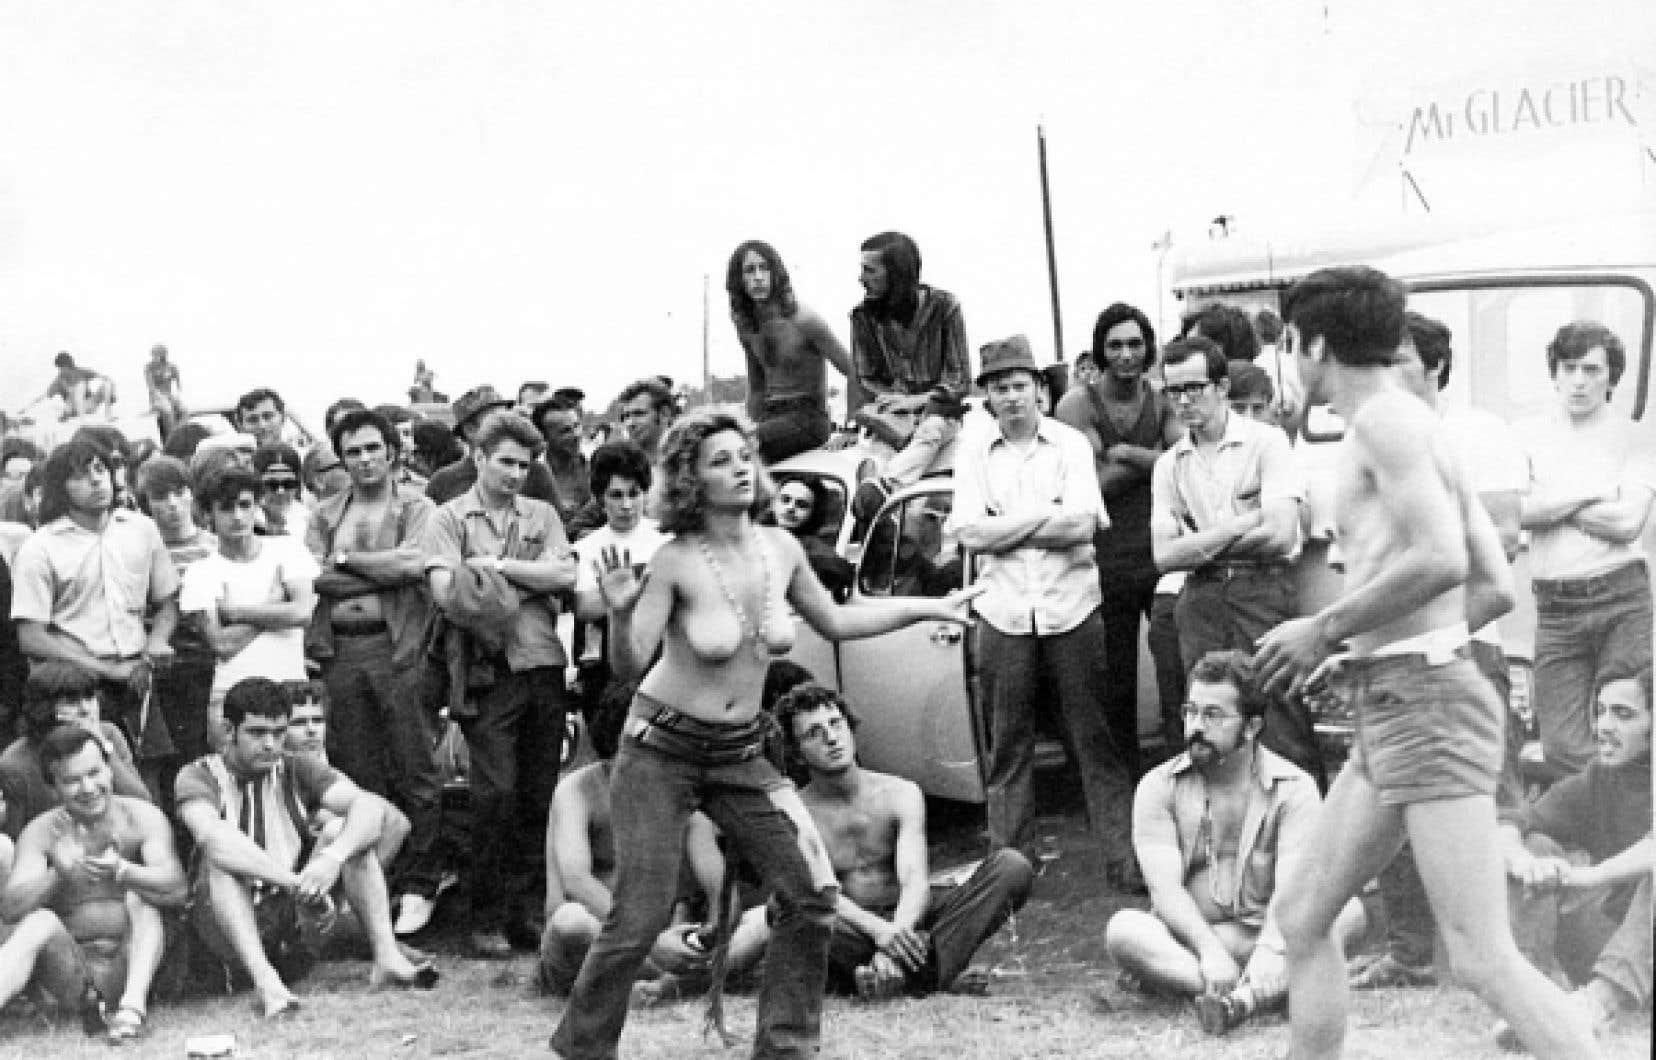 Daniel Bell croyait que Woodstock saignerait les tours &agrave; bureaux: c&rsquo;est exactement le contraire qui s&rsquo;est produit.<br />